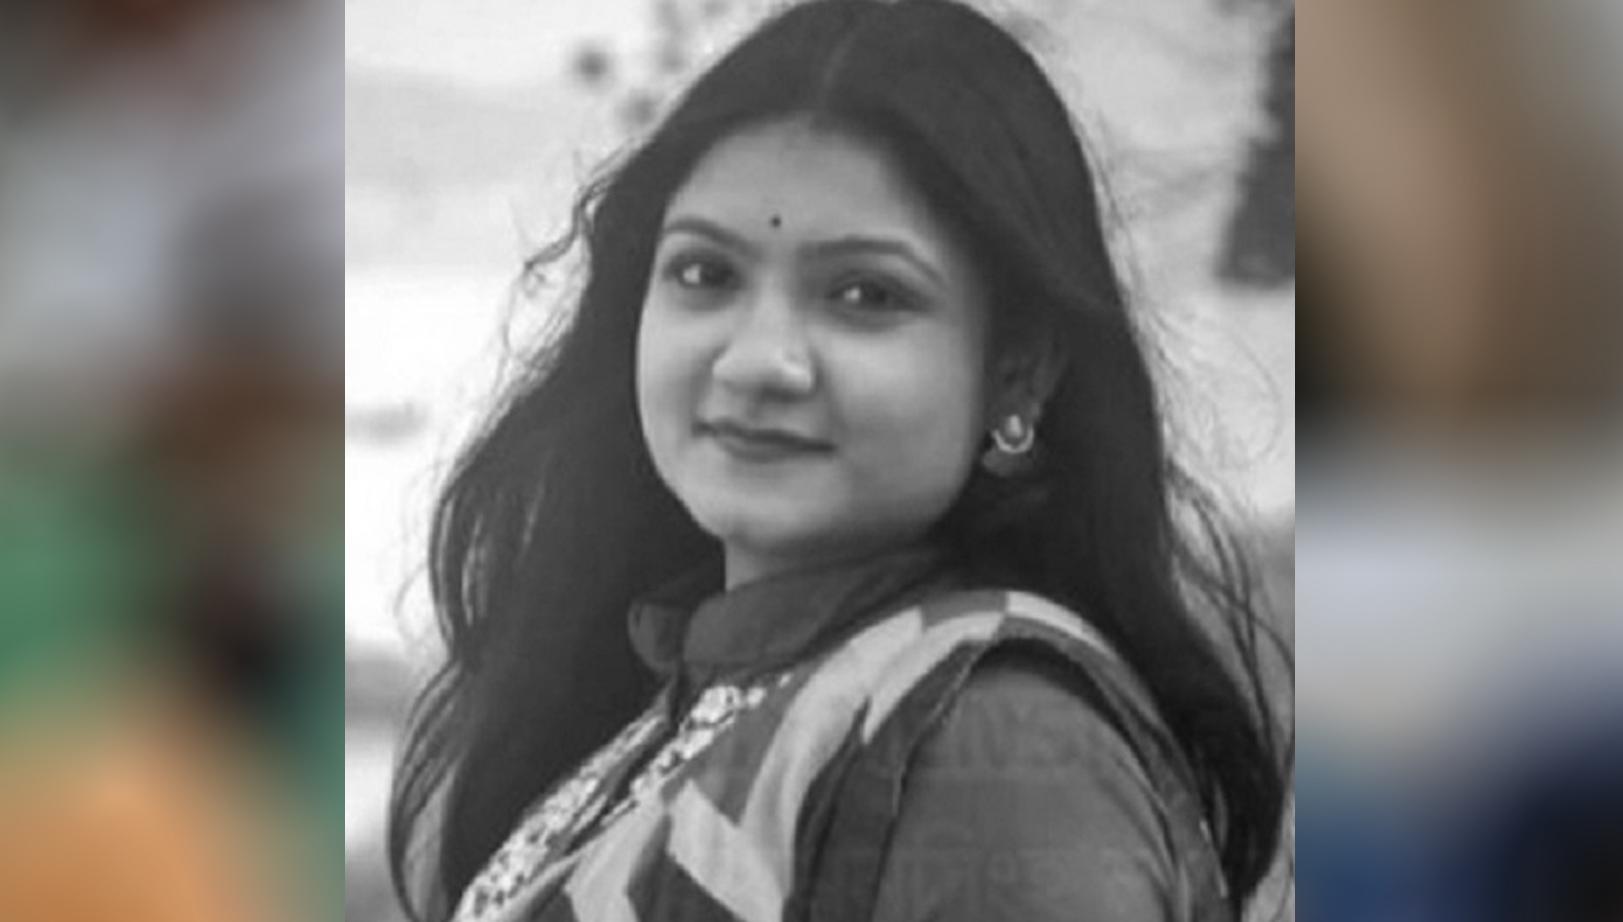 ময়মনসিংহে বিশ্ববিদ্যালয় ছাত্রীর ঝুলন্ত লাশ উদ্ধার